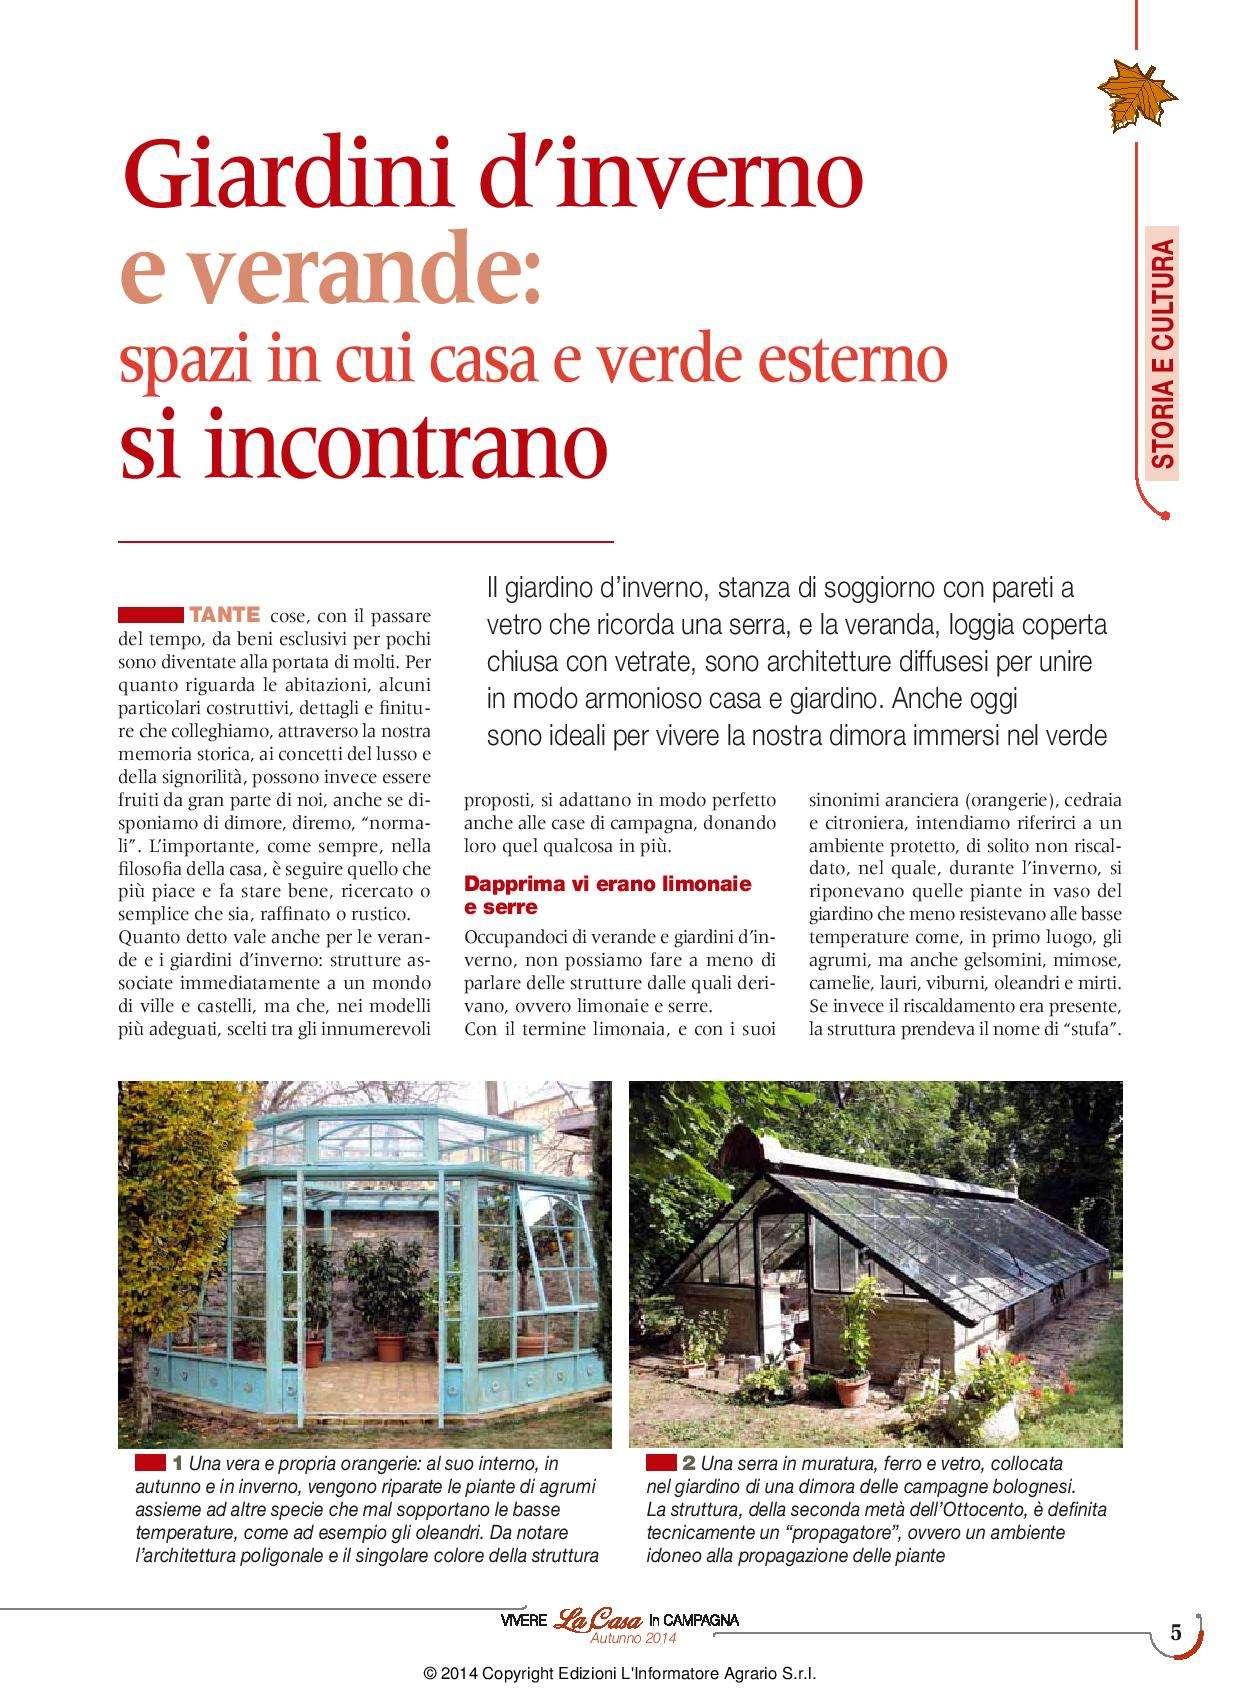 La Veranda Di Campagna vivere la casa - autumn 2014 - garden house lazzerini